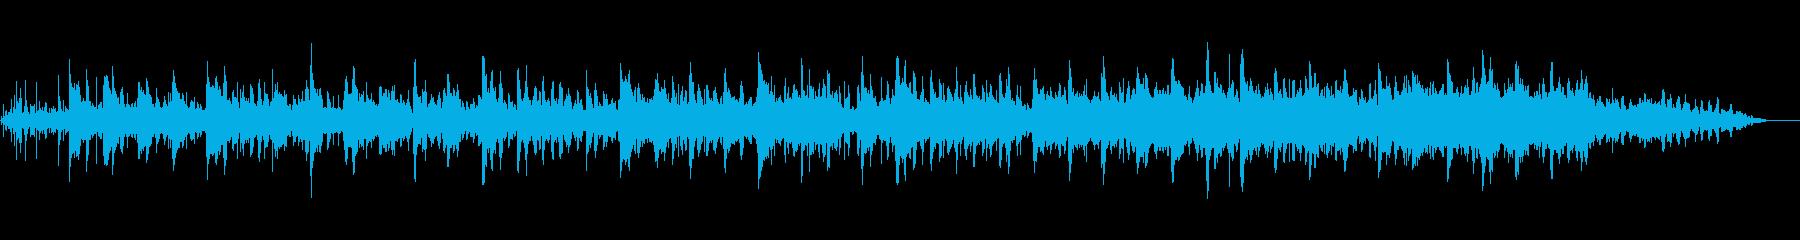 雨の音が印象的なヒーリングピアノ曲の再生済みの波形